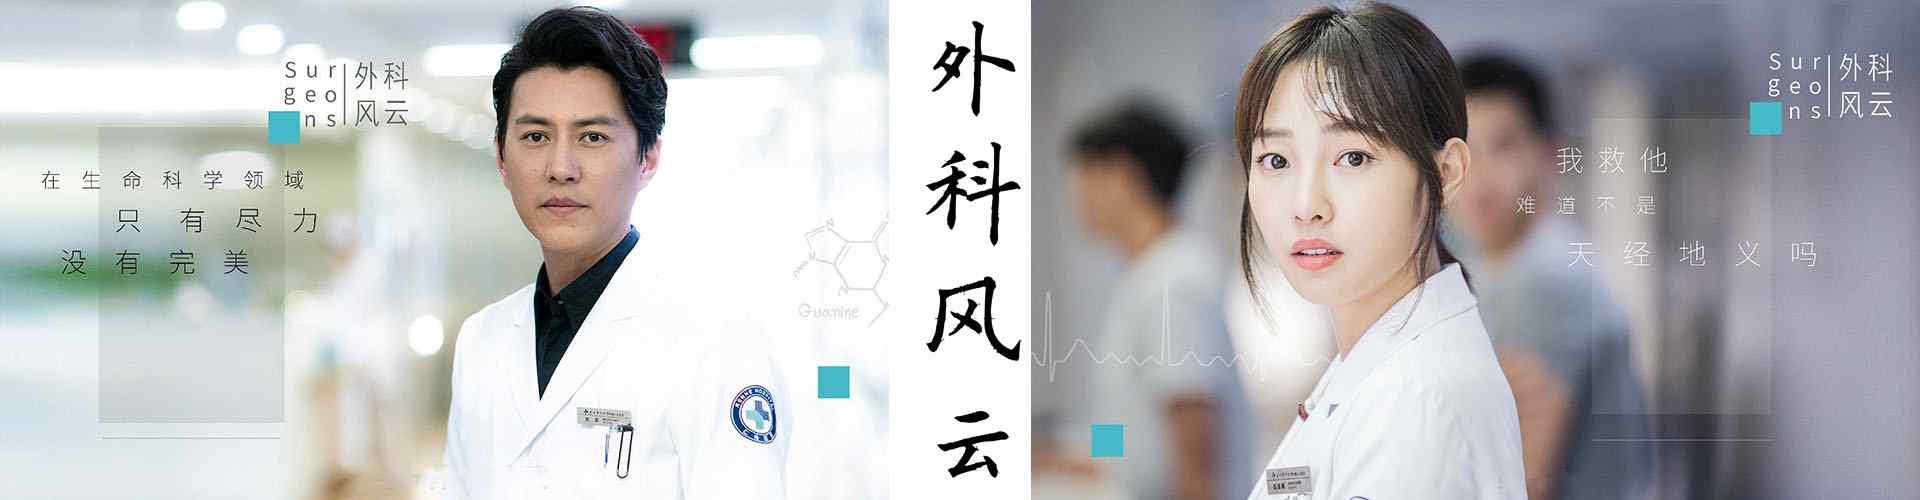 外科风云_电视剧外科风云图片_外科风云海报图片_白百何图片_靳东图片_影视壁纸